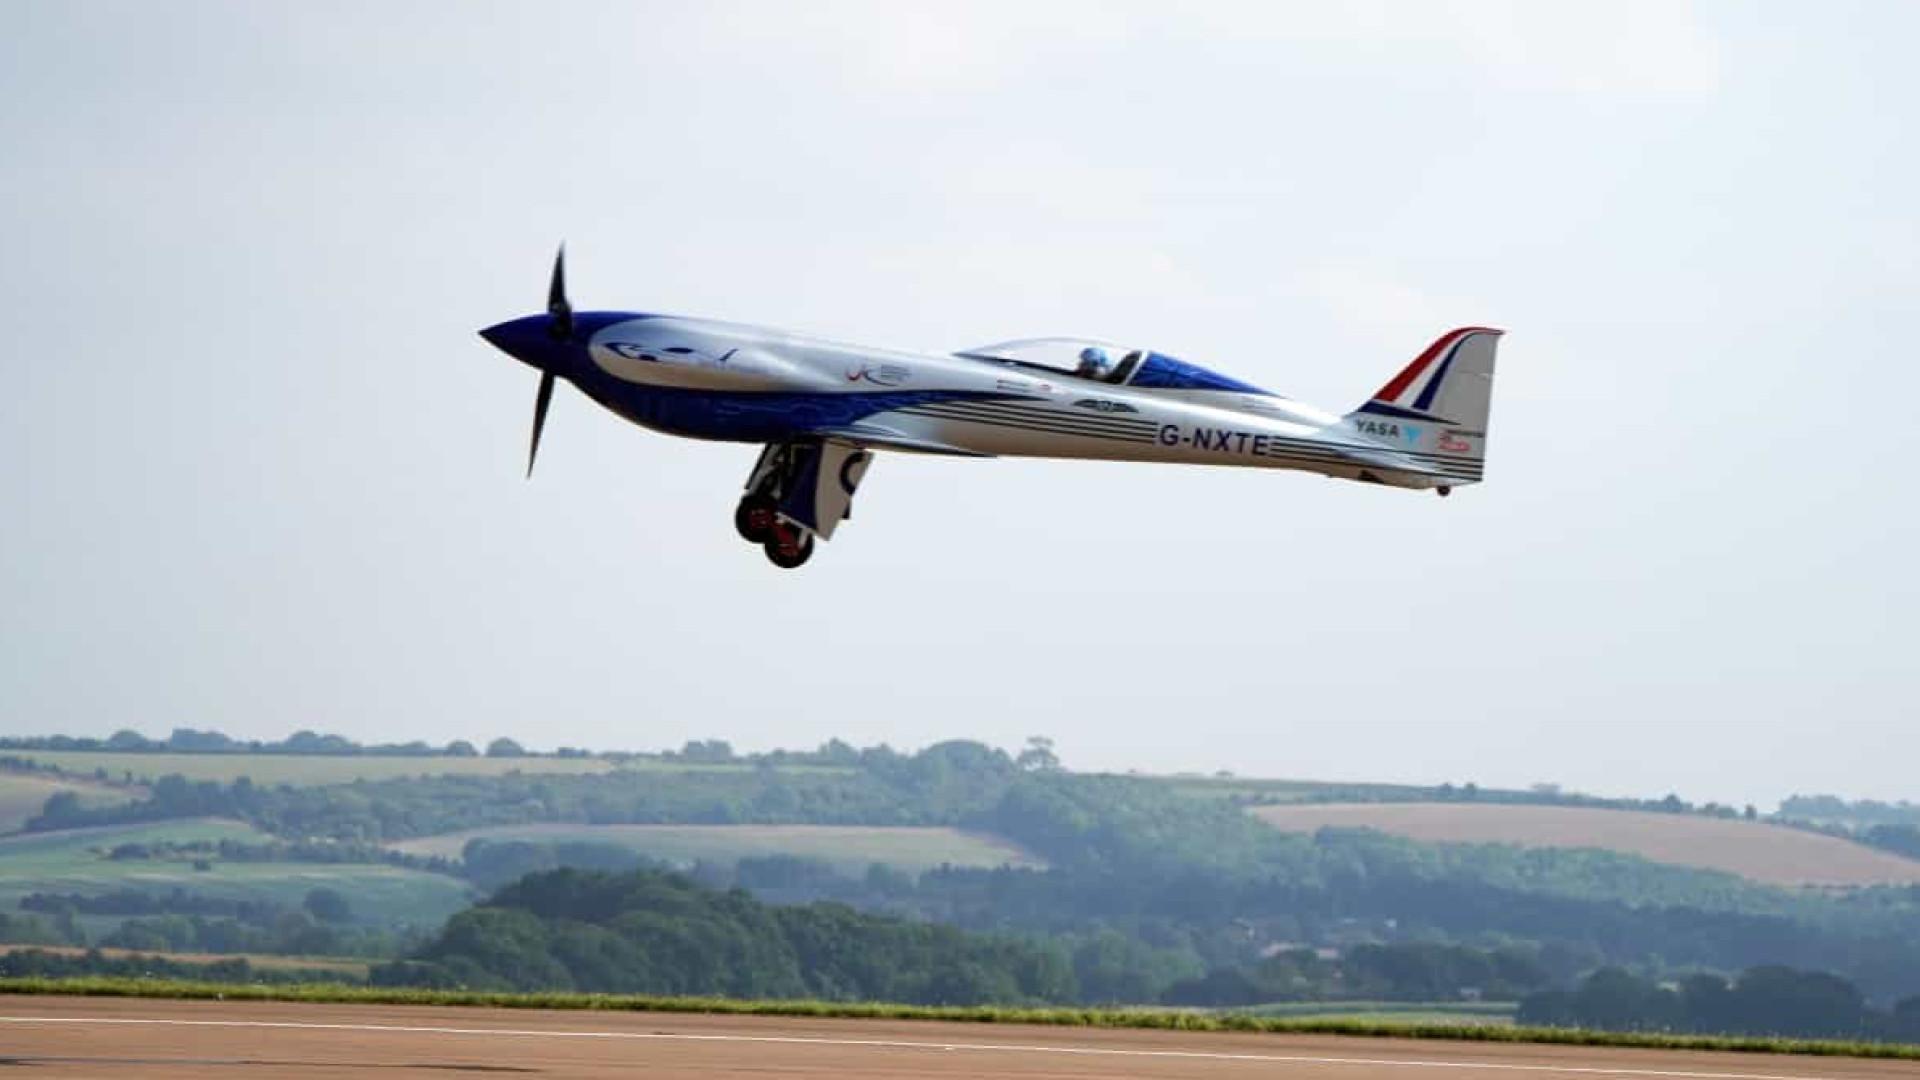 Rolls-Royce completou primeiro voo de avião 100% elétrico